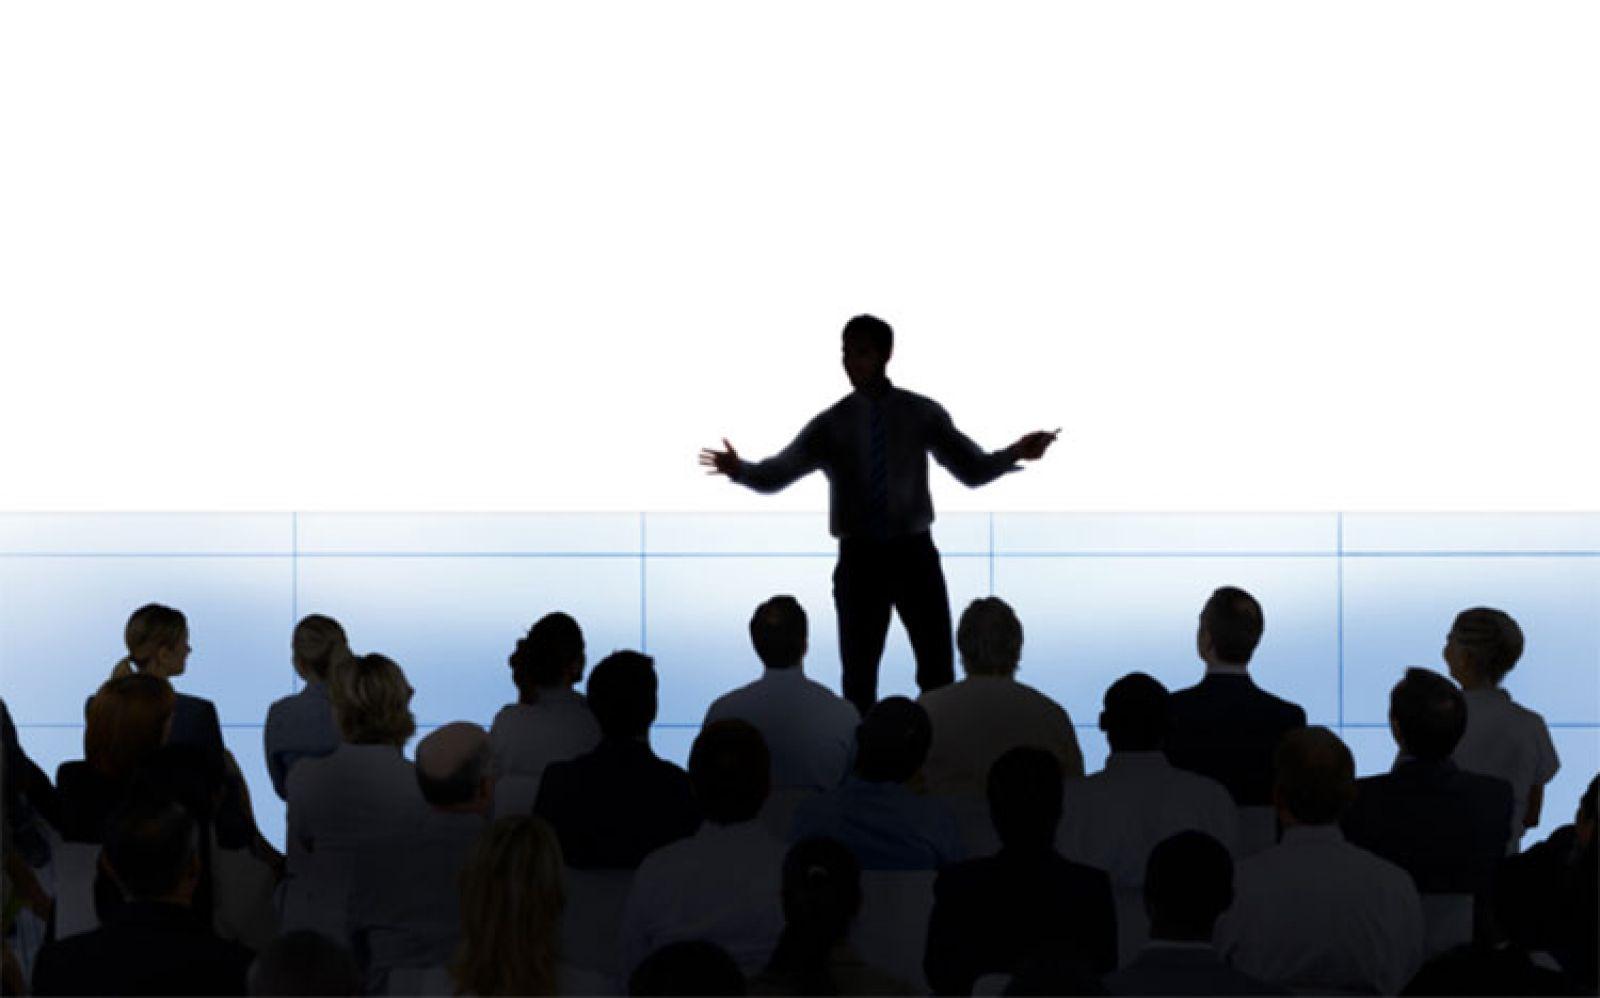 Truyền tải thông điệp của quản lý, lãnh đạo